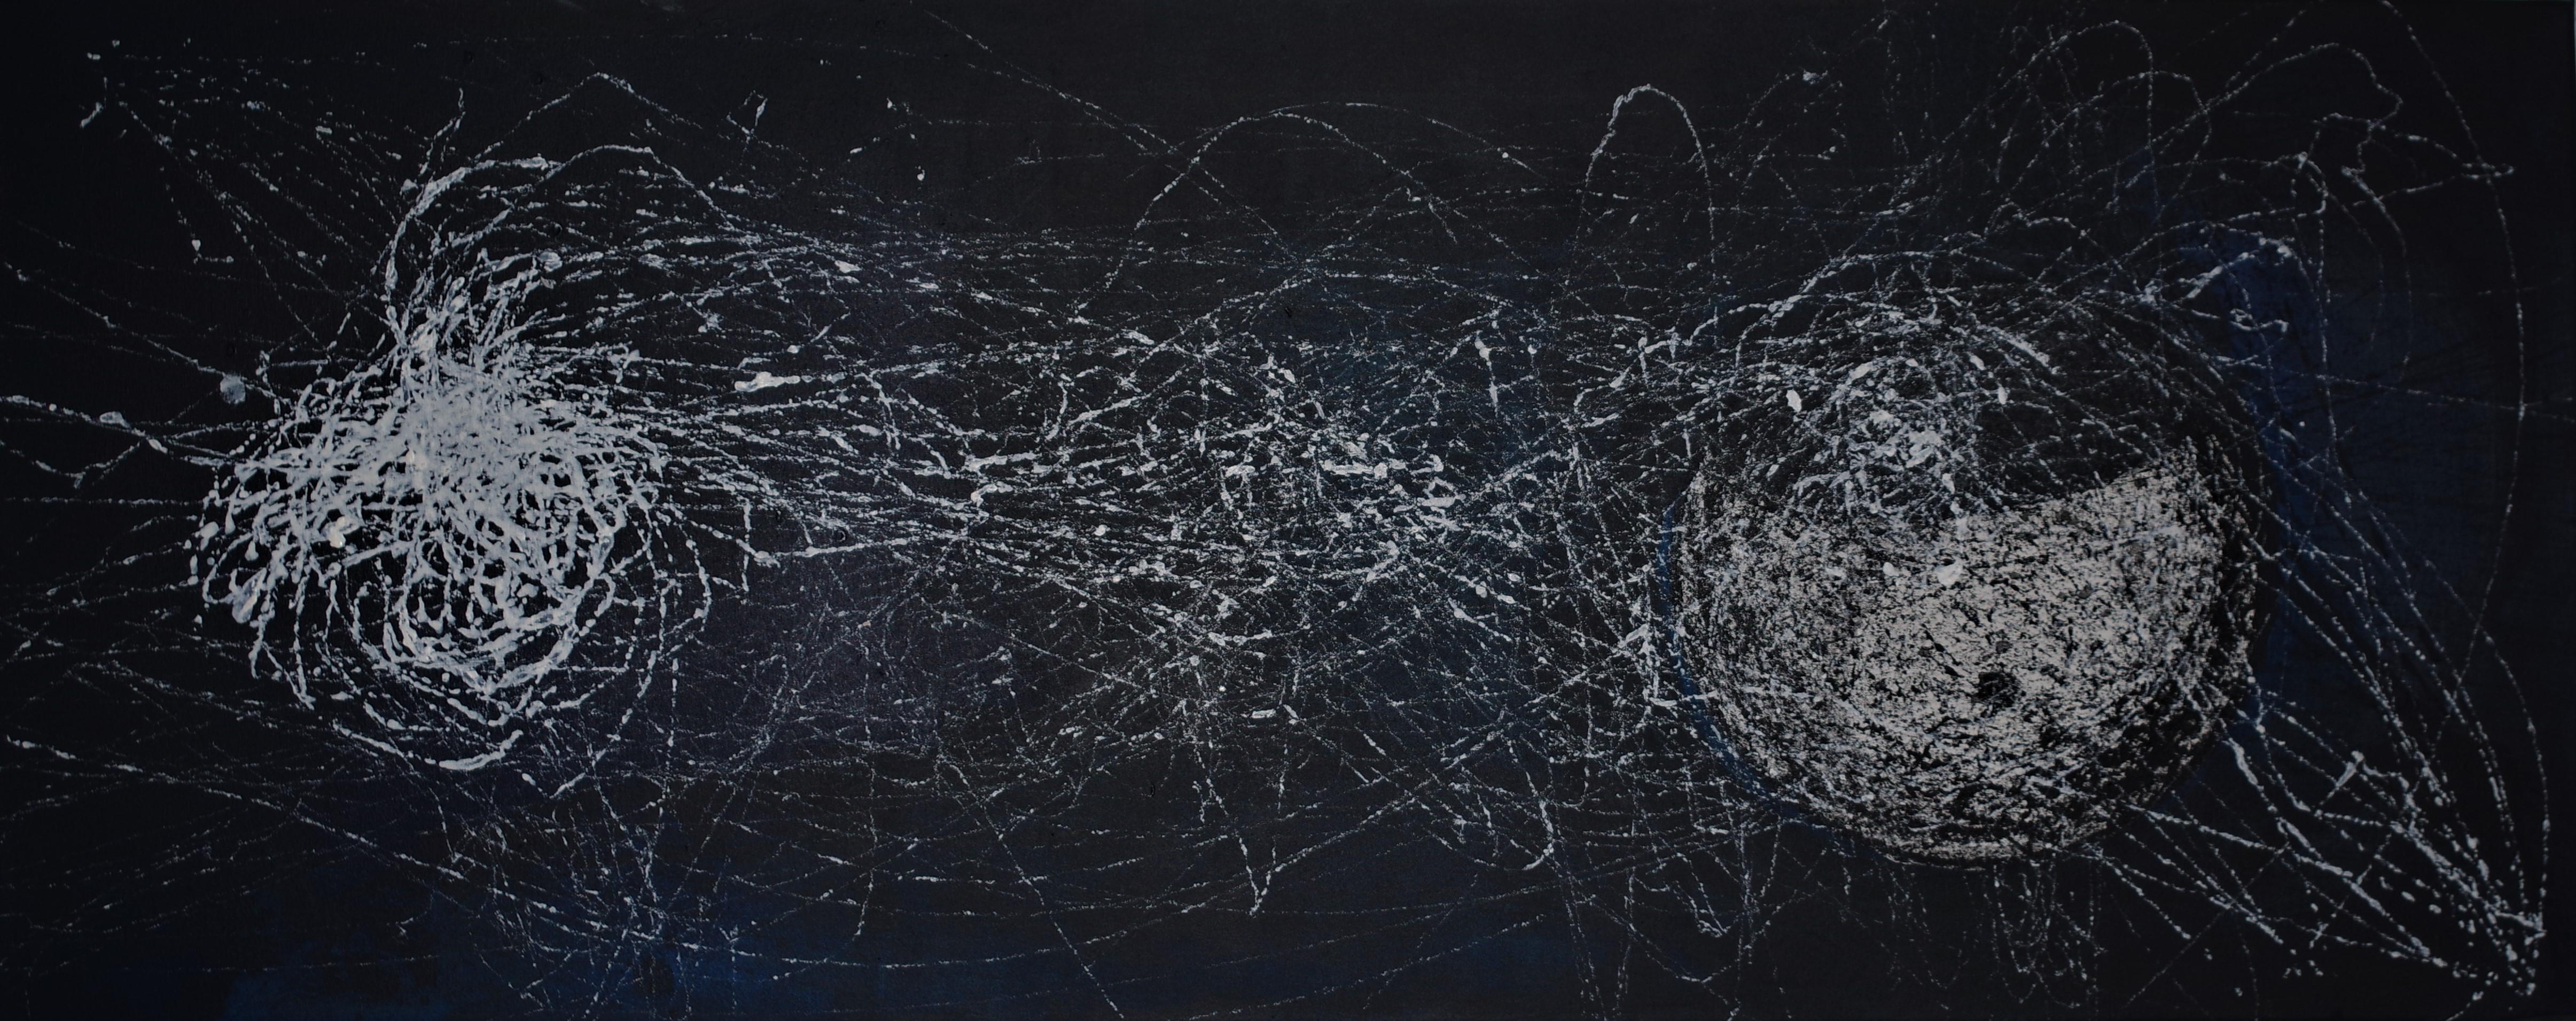 peinture 2019 acrylique sur toile 40x100 (1)